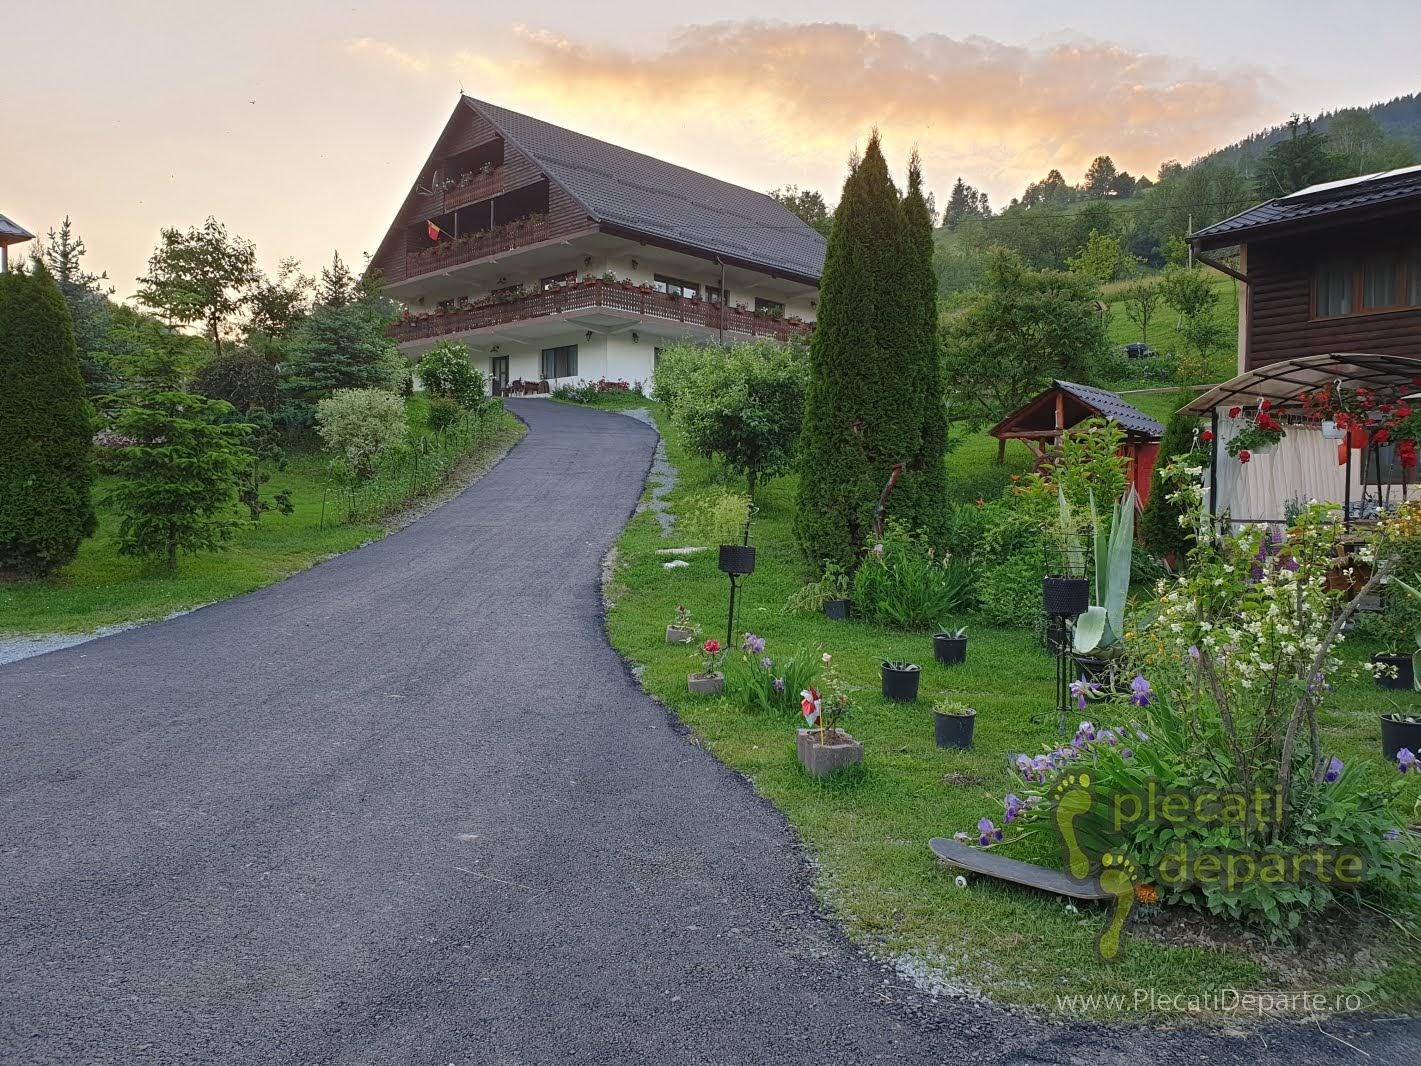 de vizitat muntii apuseni pestera ghetarul scarisoara obiective turistice garda de sus albac transursoaia